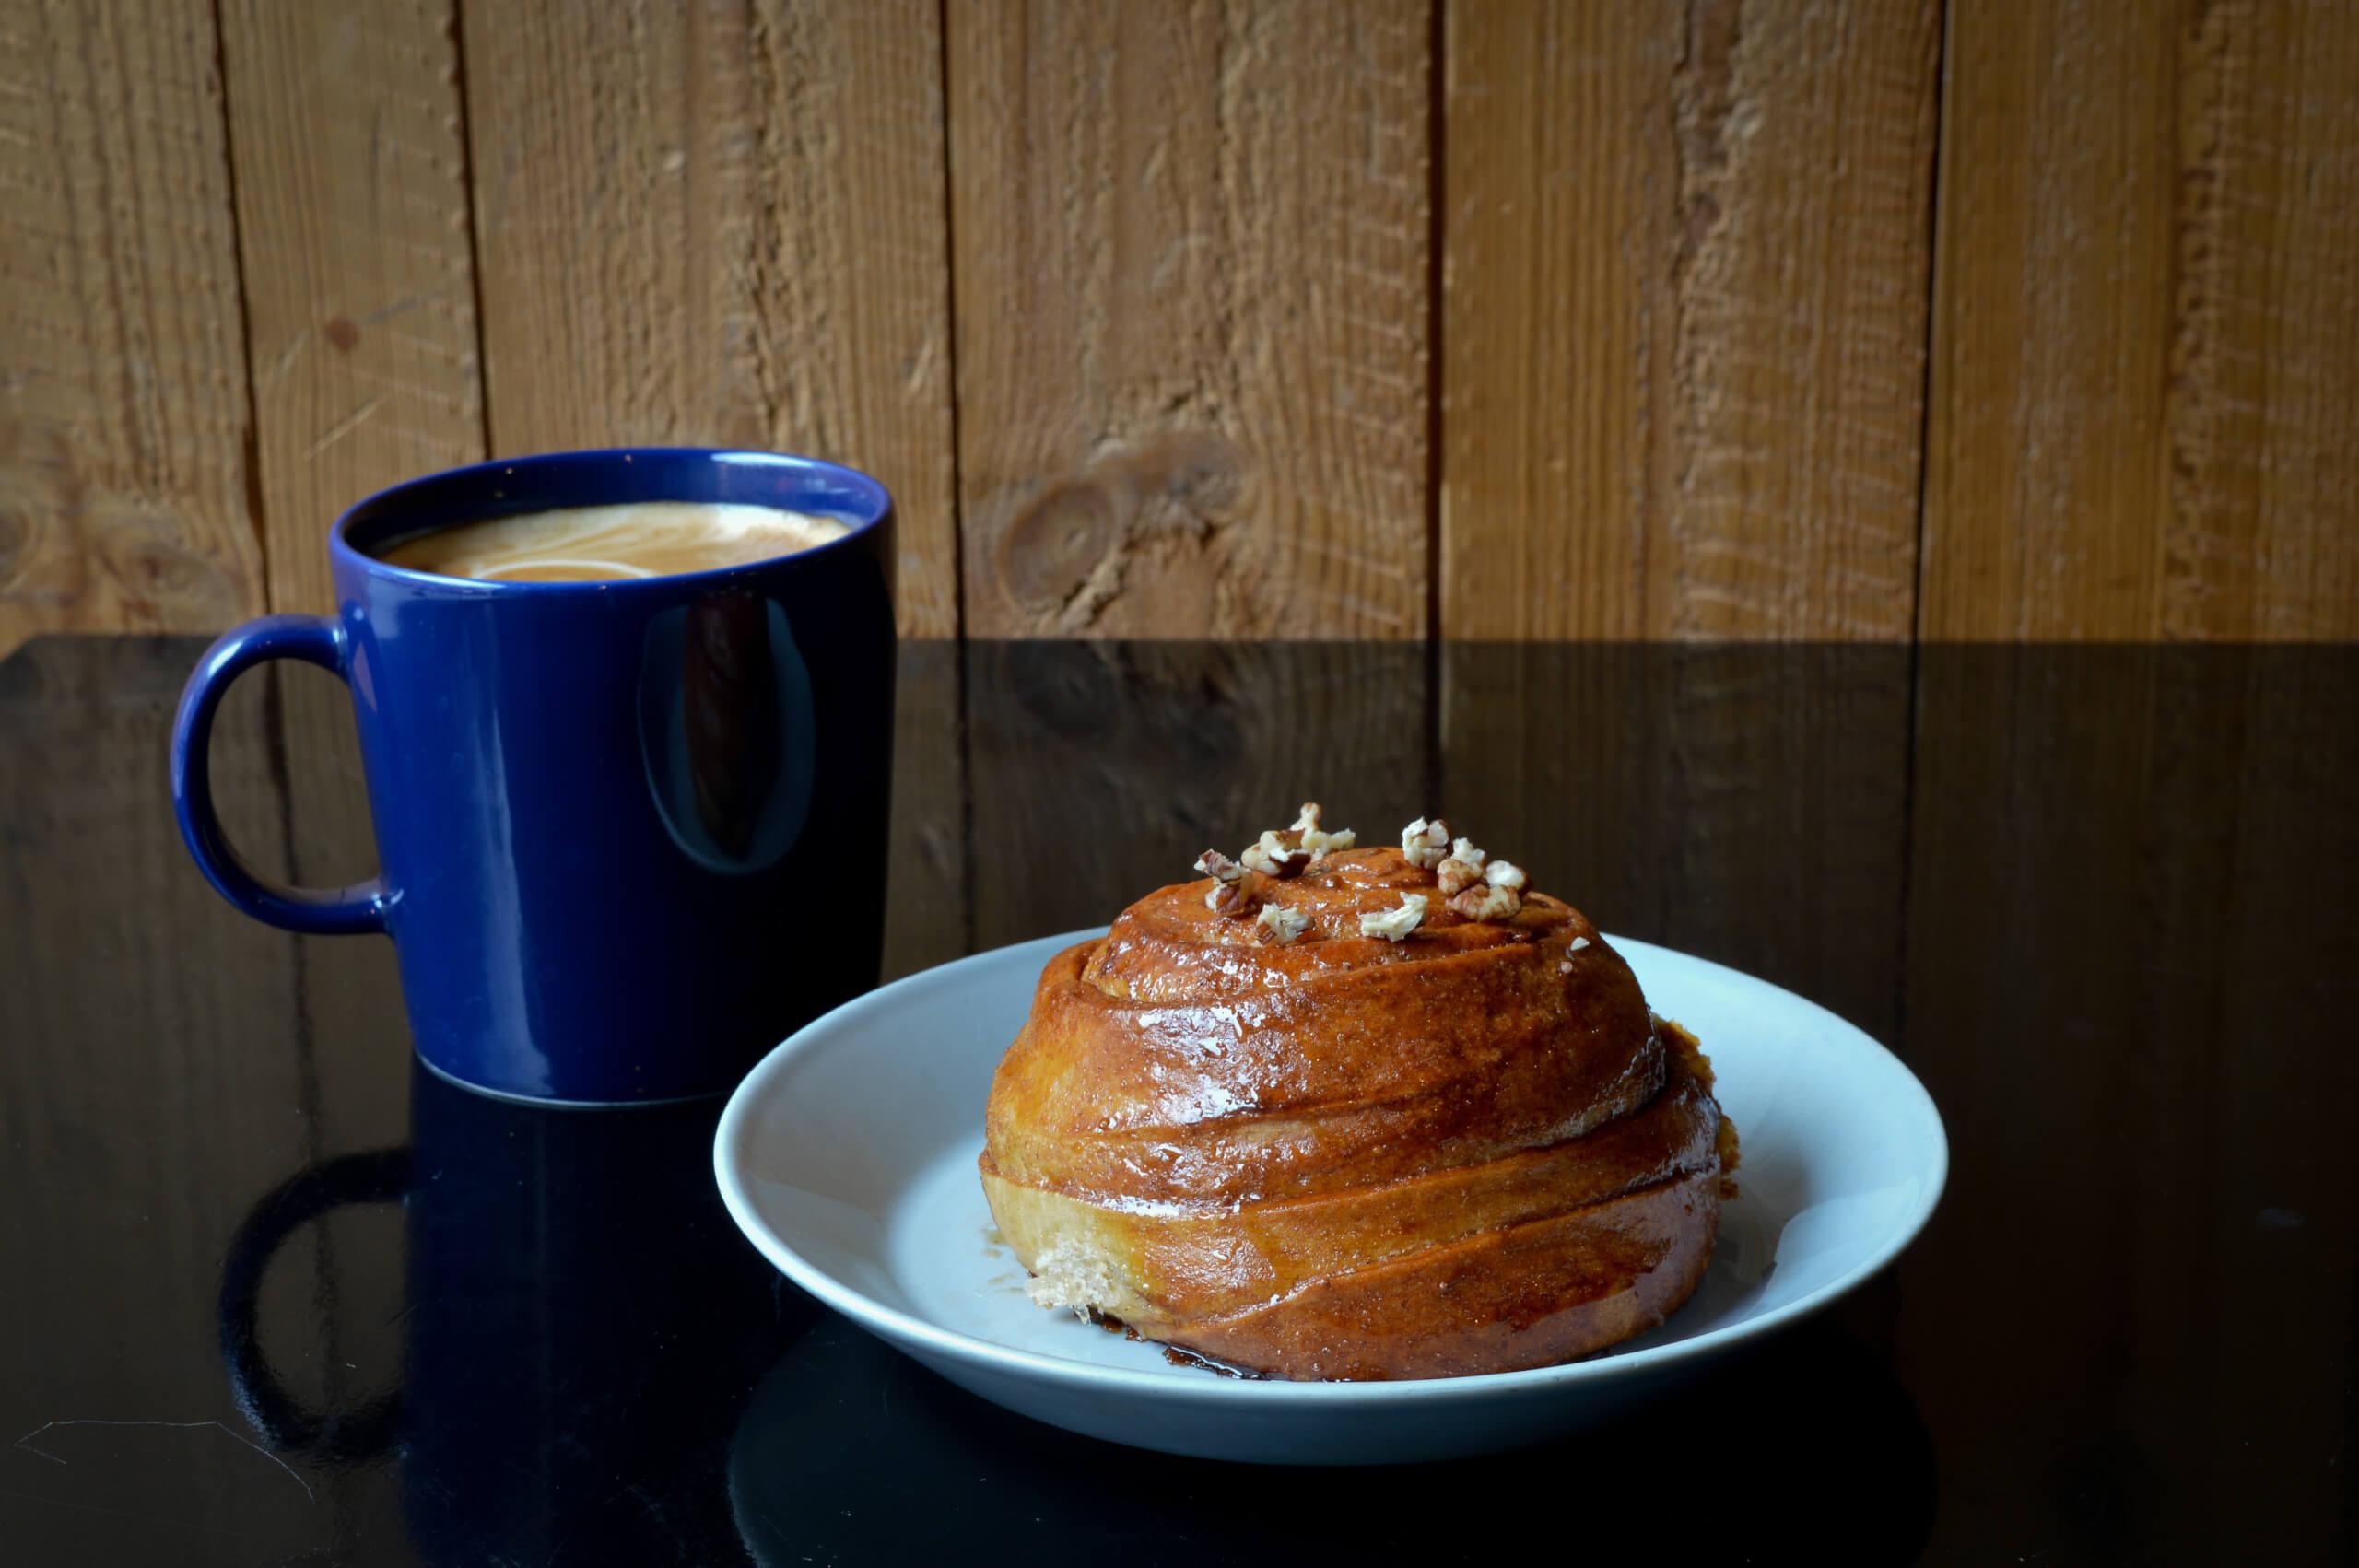 Nordic Bakery caramel & pecan cinnamon bun